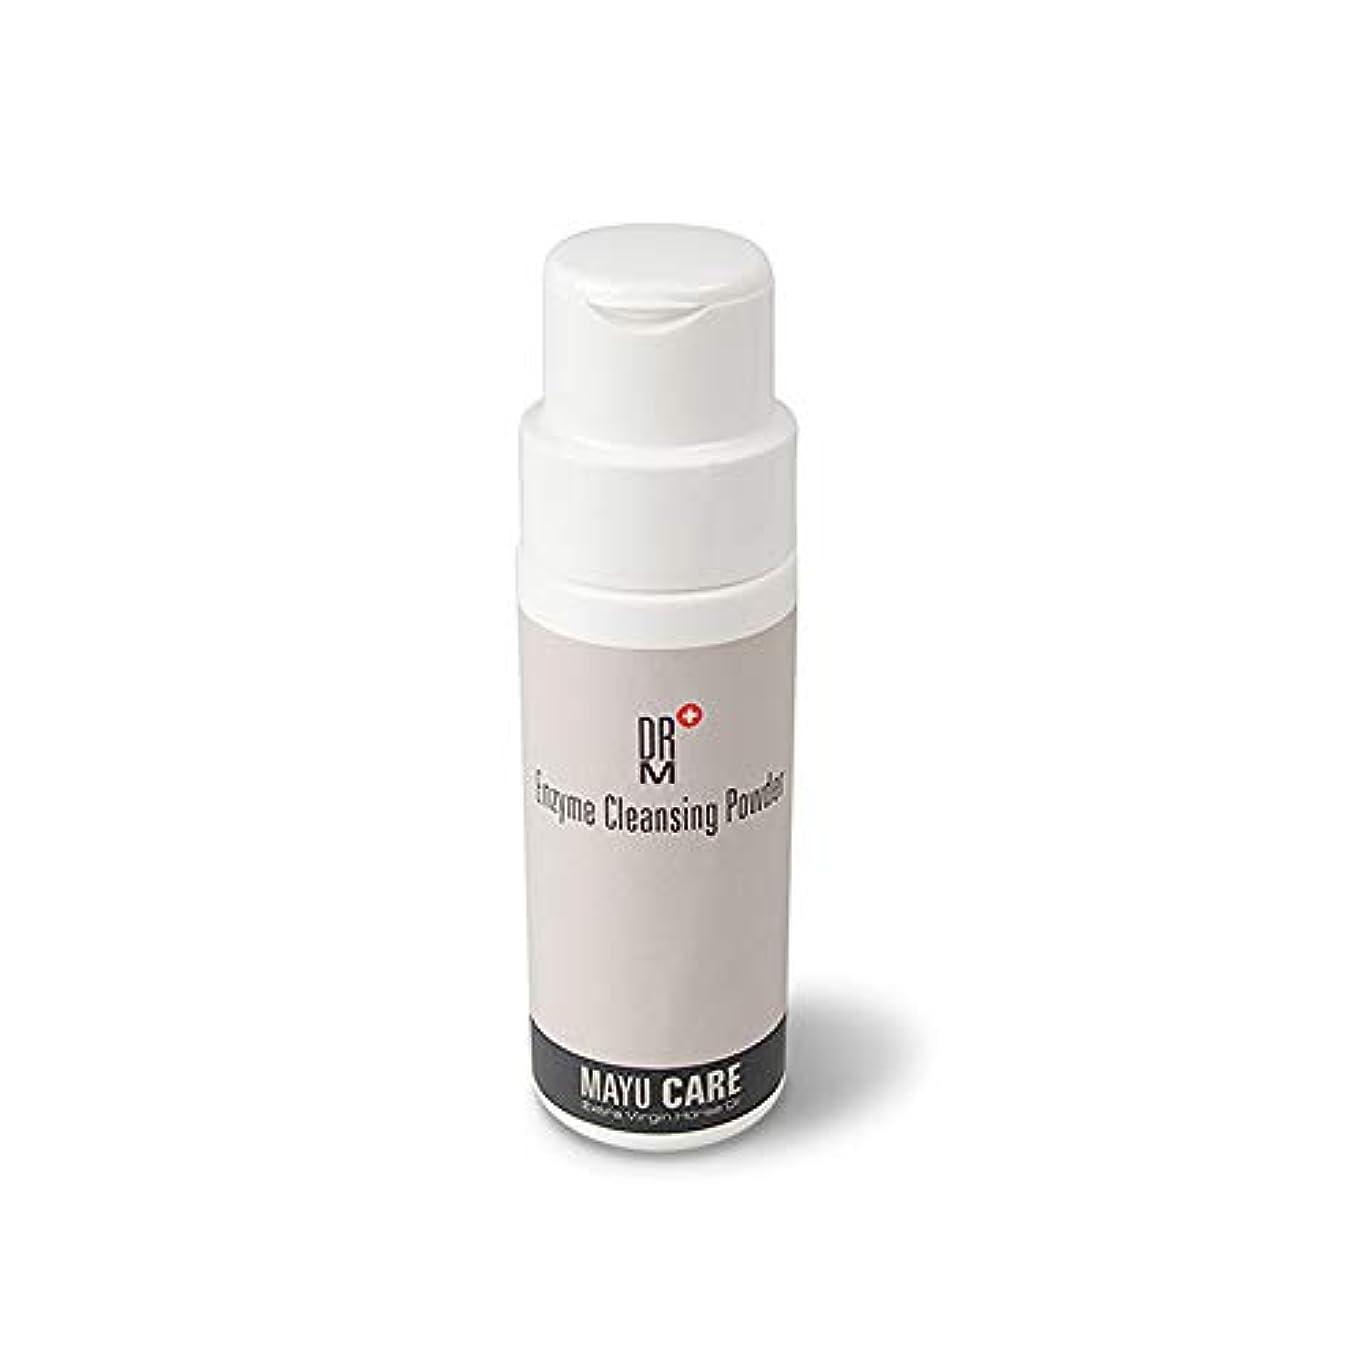 スクラブ世界的に幻想的[Dr.M] Enzyme Cleansing Powder 酵素 クレンジングパウダー 100g [並行輸入品]